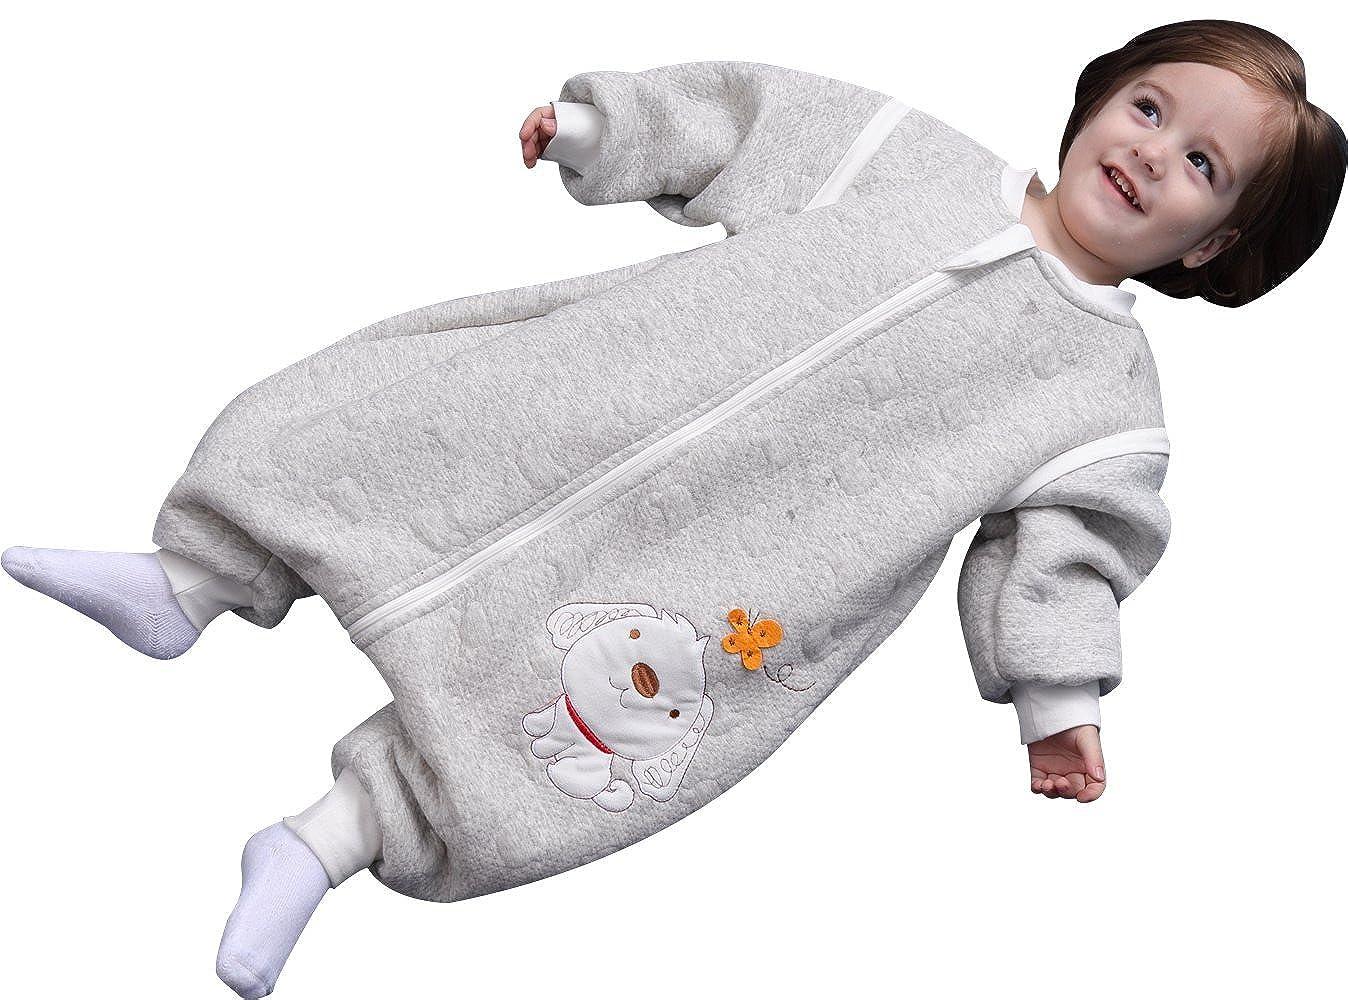 【当店限定販売】 Luyusbaby M Luyusbaby SLEEPWEAR ユニセックスベビー M グレー グレー B075L6SZGN, Will One:a4bf68c0 --- a0267596.xsph.ru